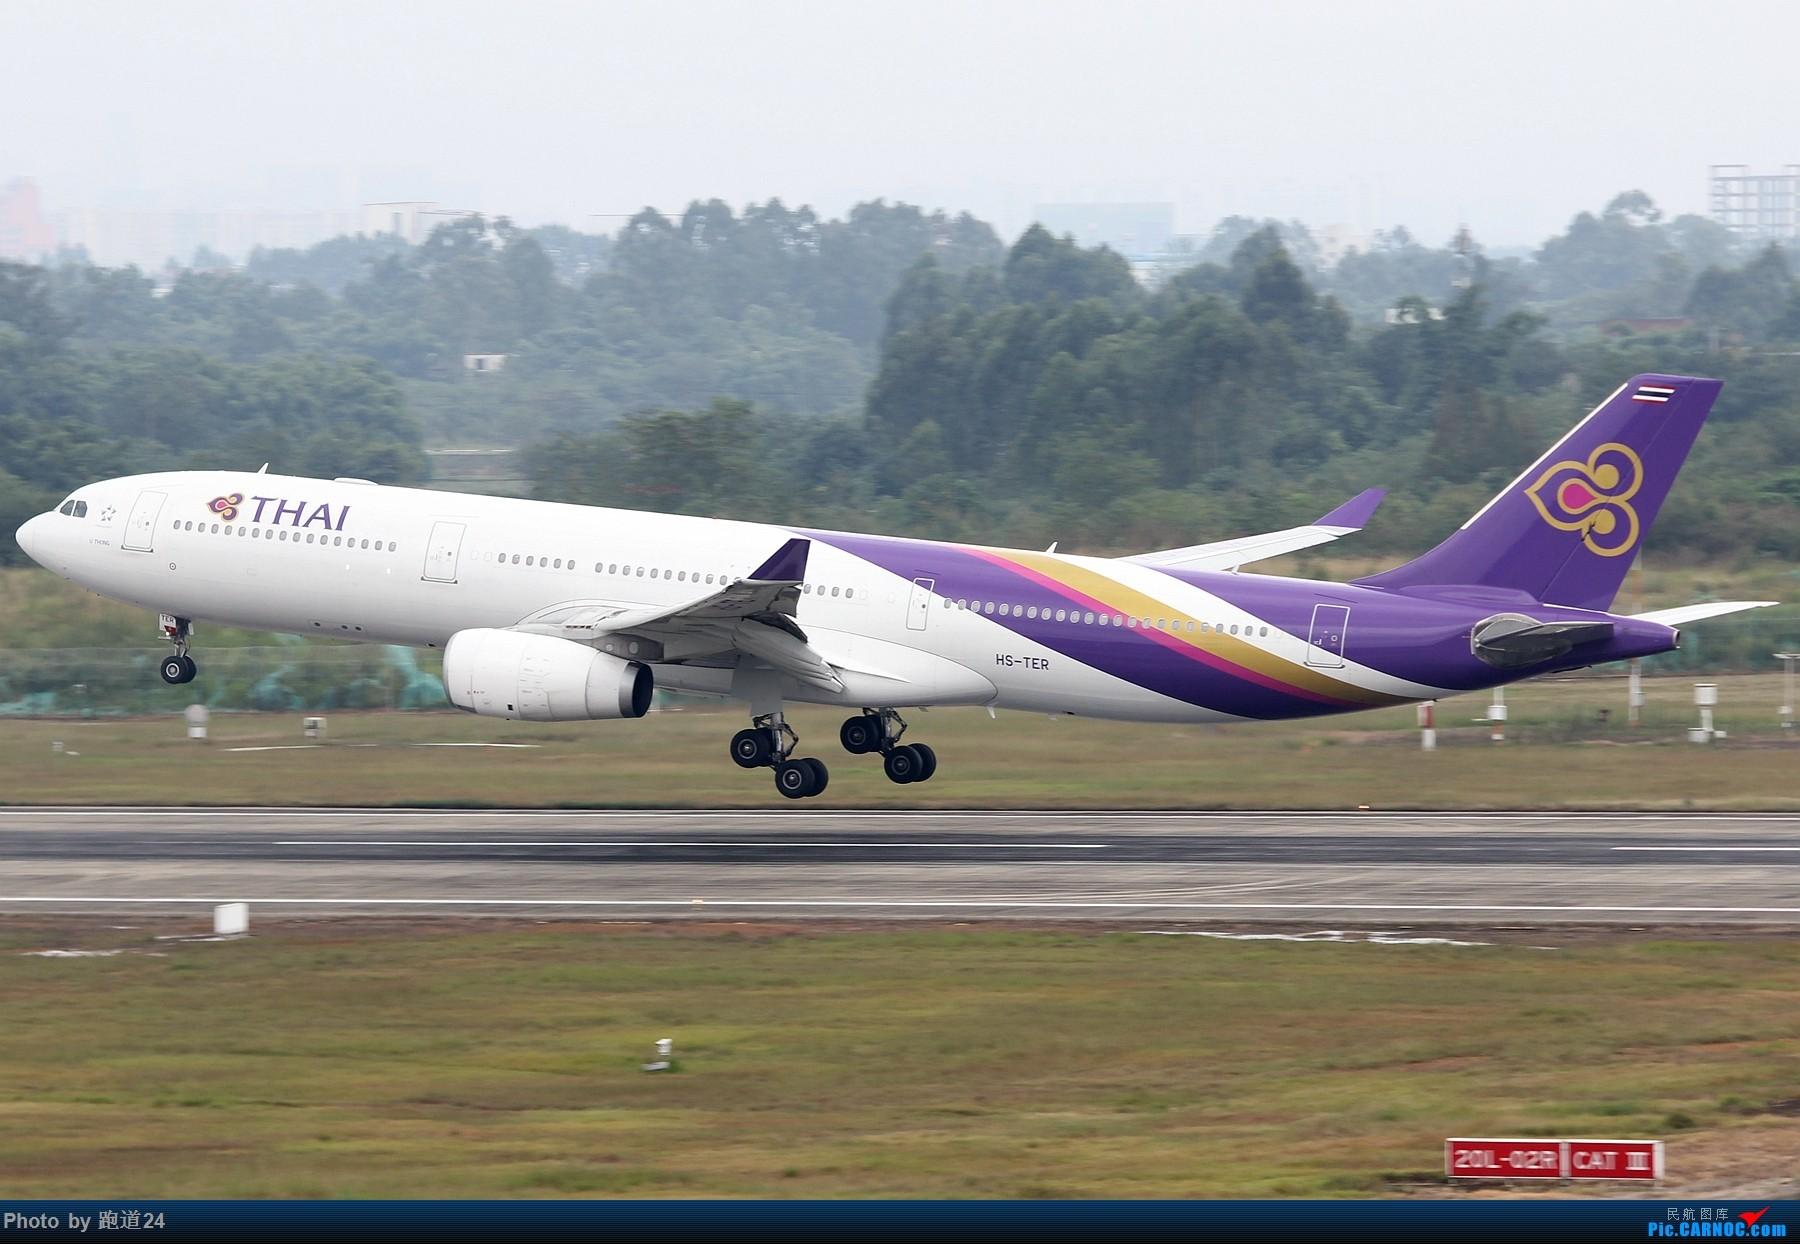 Re:[原创][原创]【多图党】国庆烂天10.7拍机 1800*1200 AIRBUS A330-300 HS-TER 中国成都双流国际机场